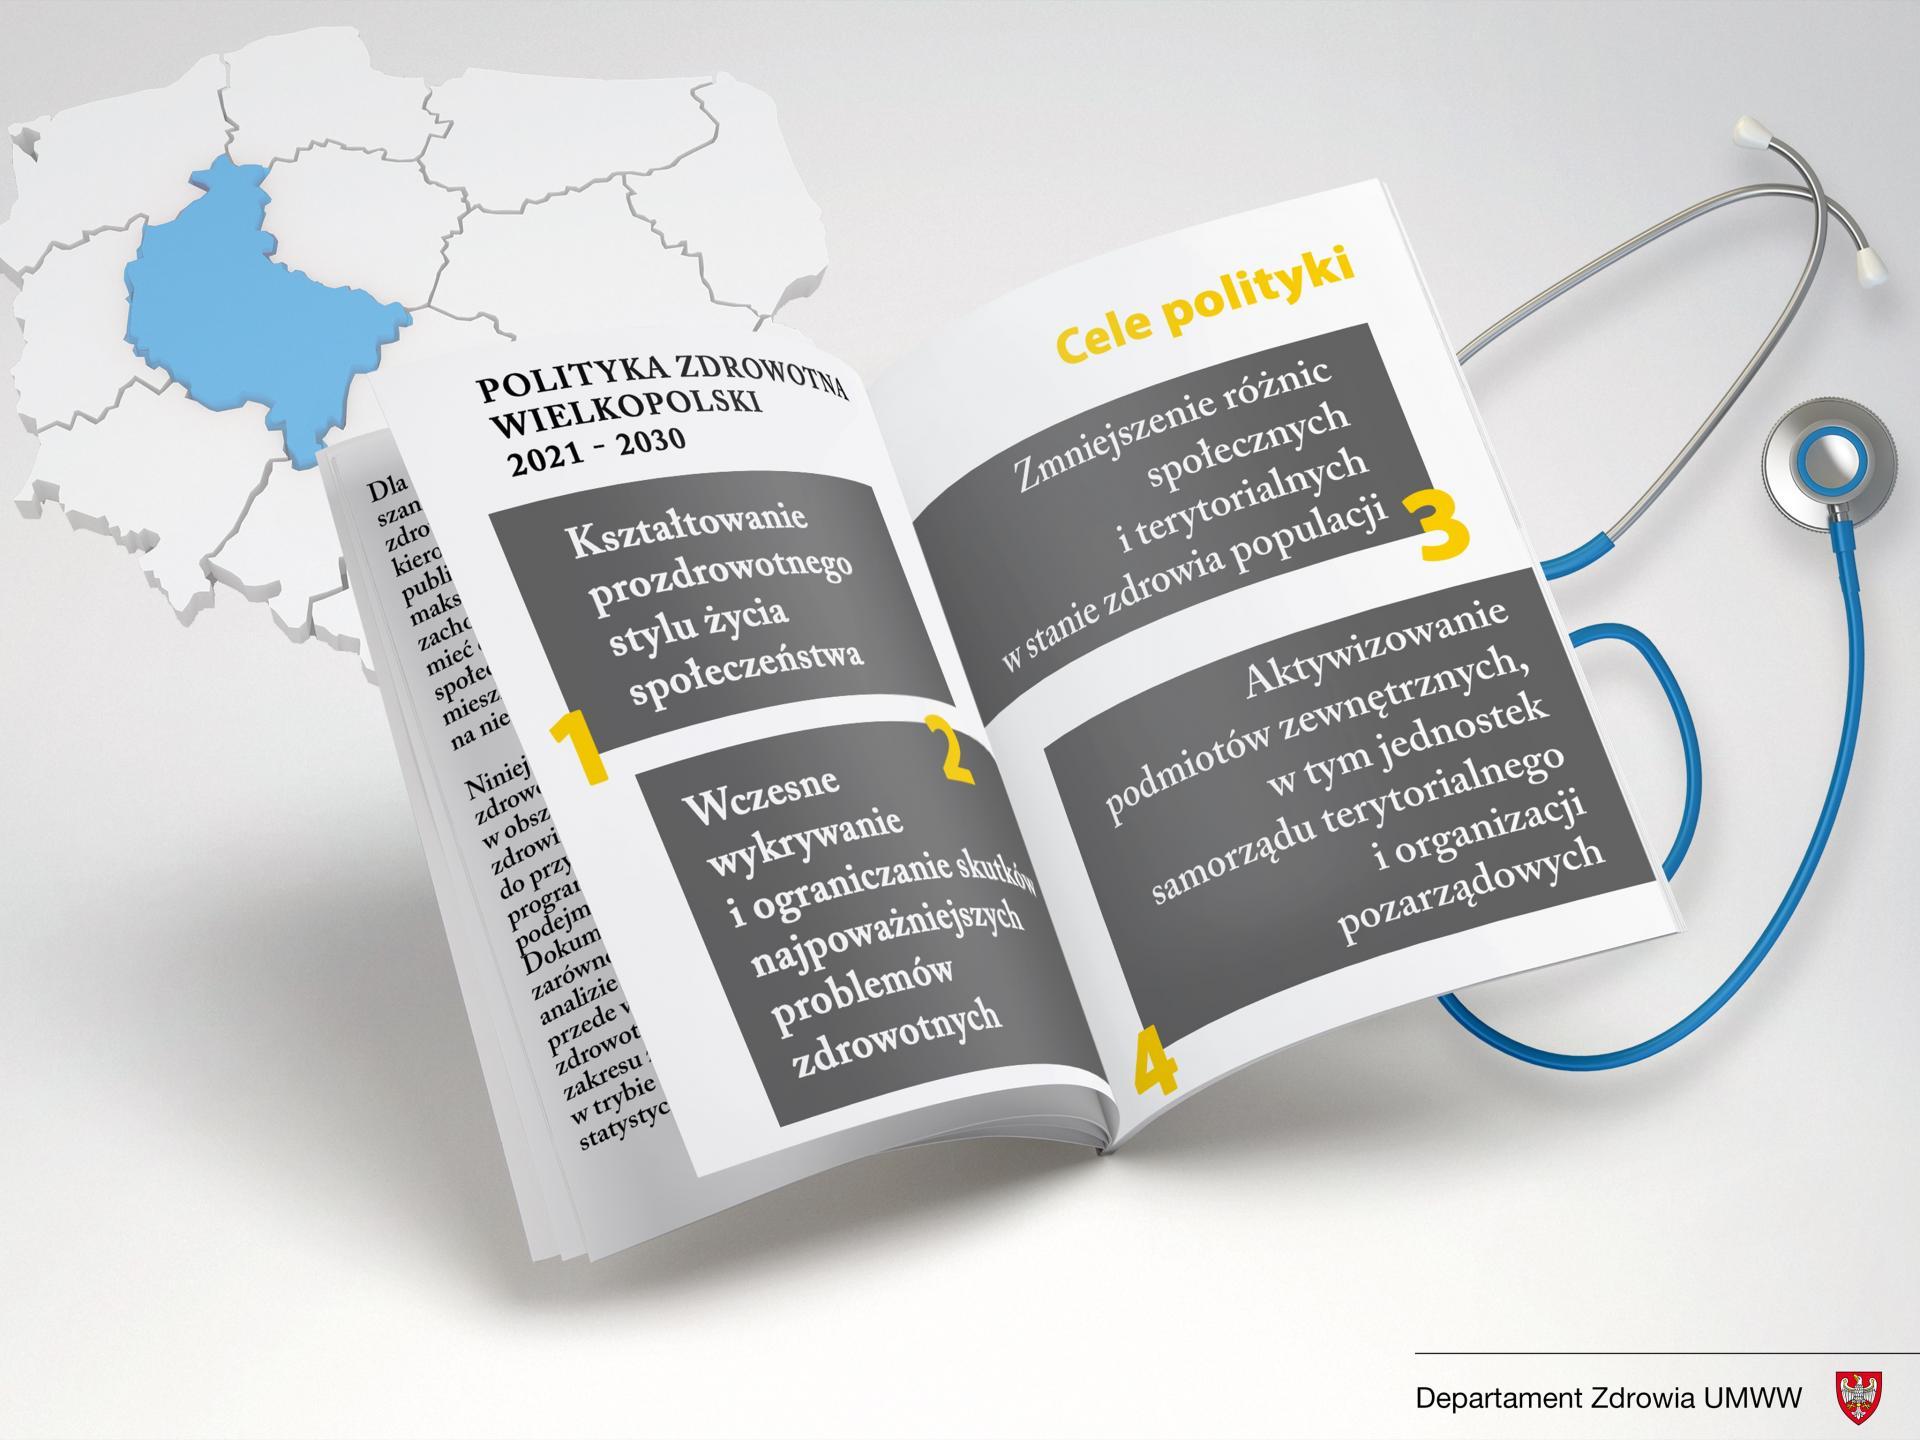 Polityka Zdrowotna Województwa Wielkopolskiego do 2030 - zobacz więcej